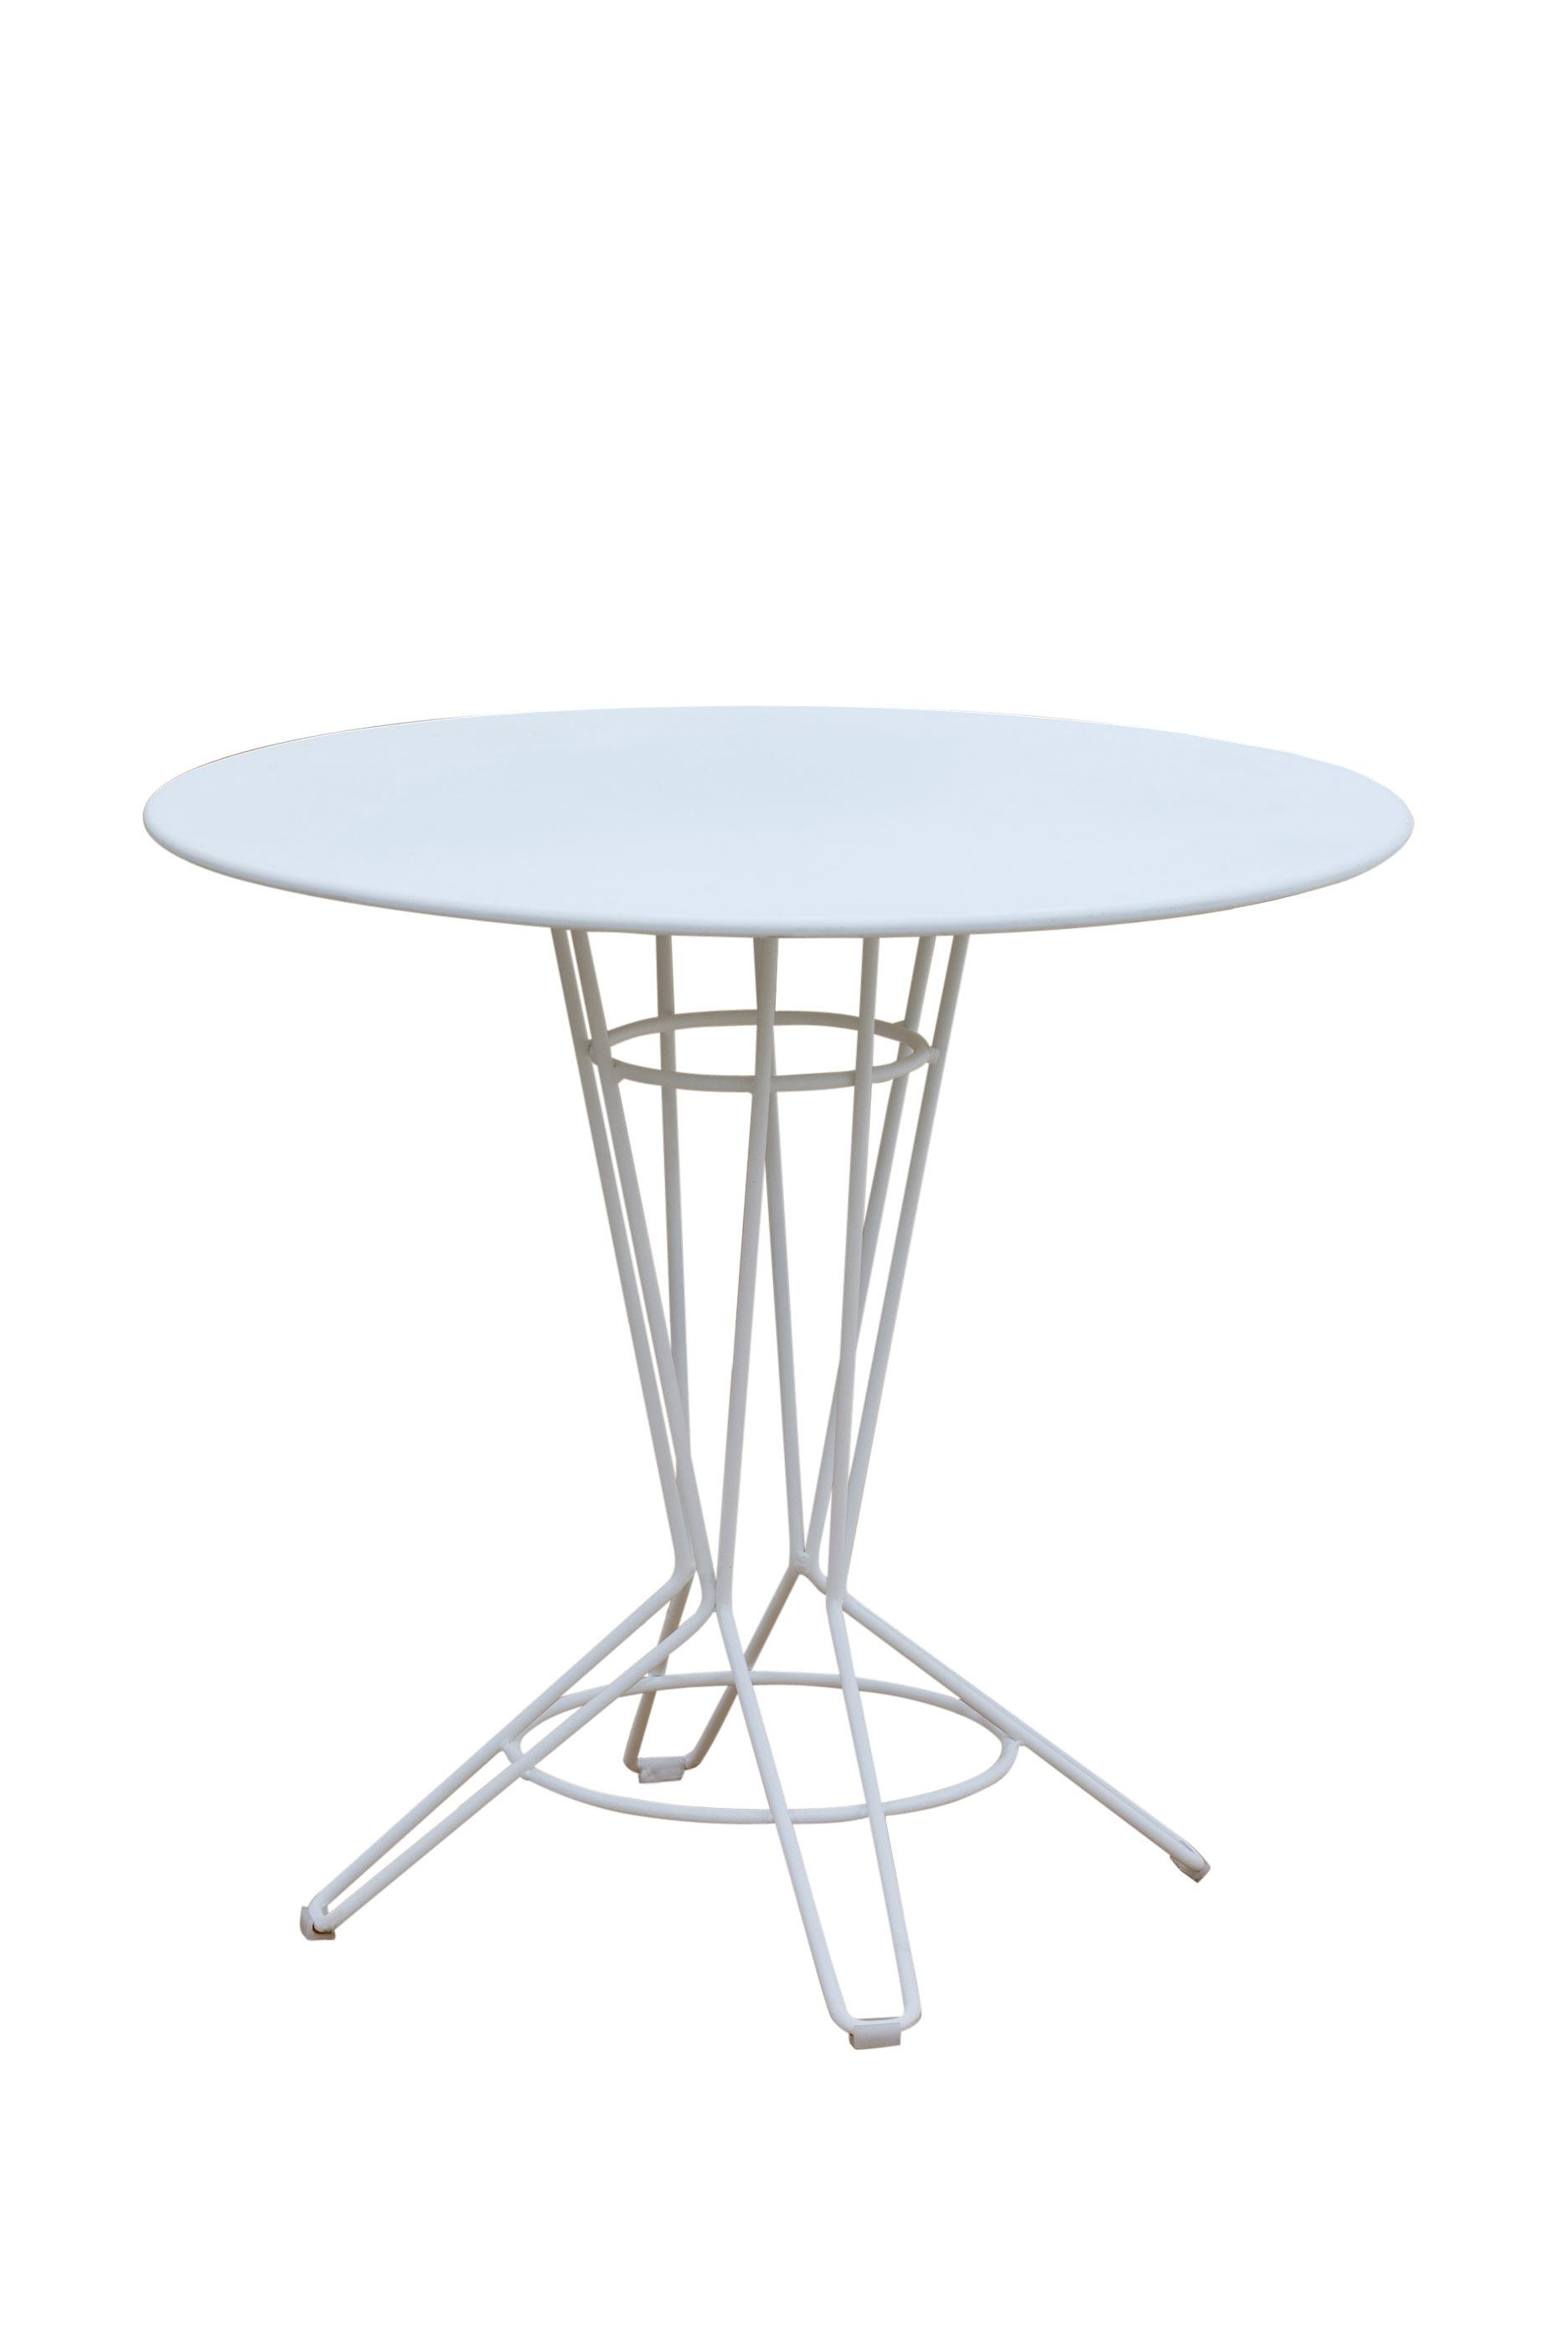 NOSTRUM - Table rond en acier blanc D80